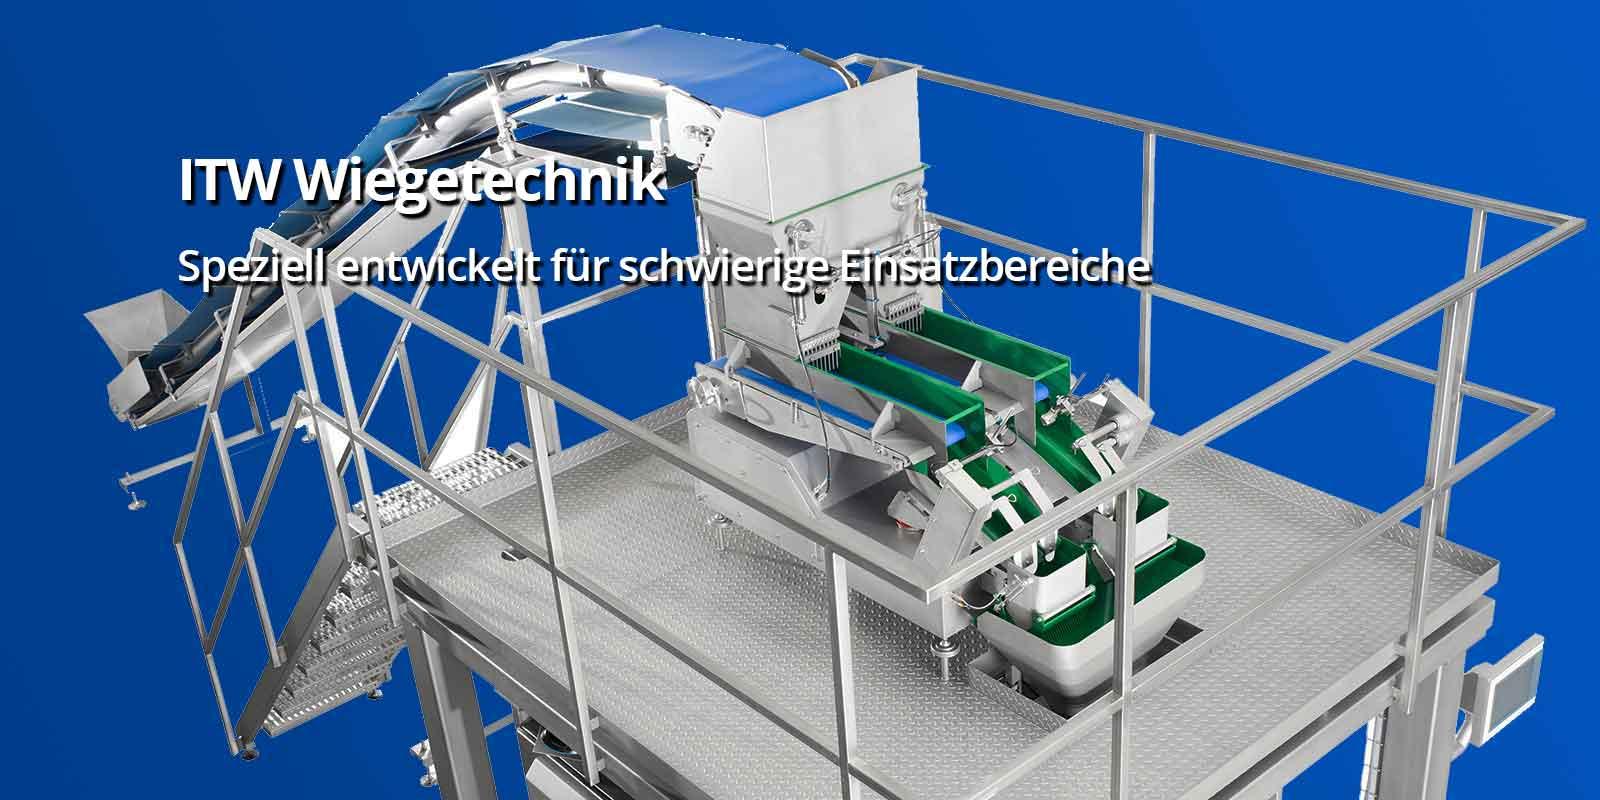 ITW Wiegetechnik Speziell entwickelt für schwierige Einsatzbereiche